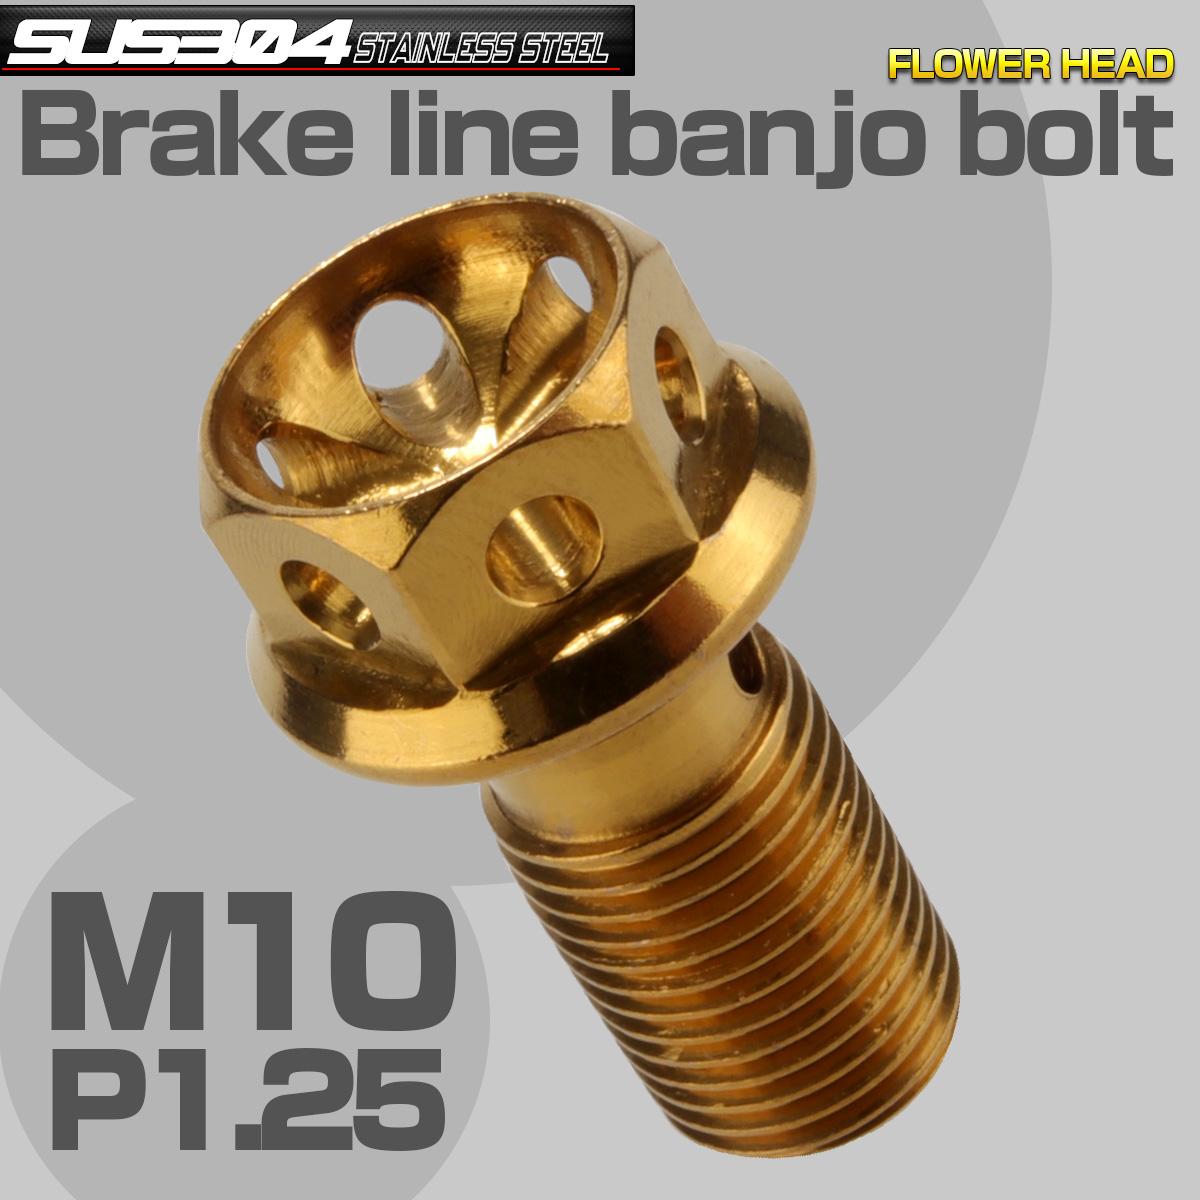 ブレーキ バンジョーボルト M10 P1.25 SUS304 ステンレス製 フラワーヘッド ゴールド TH0212